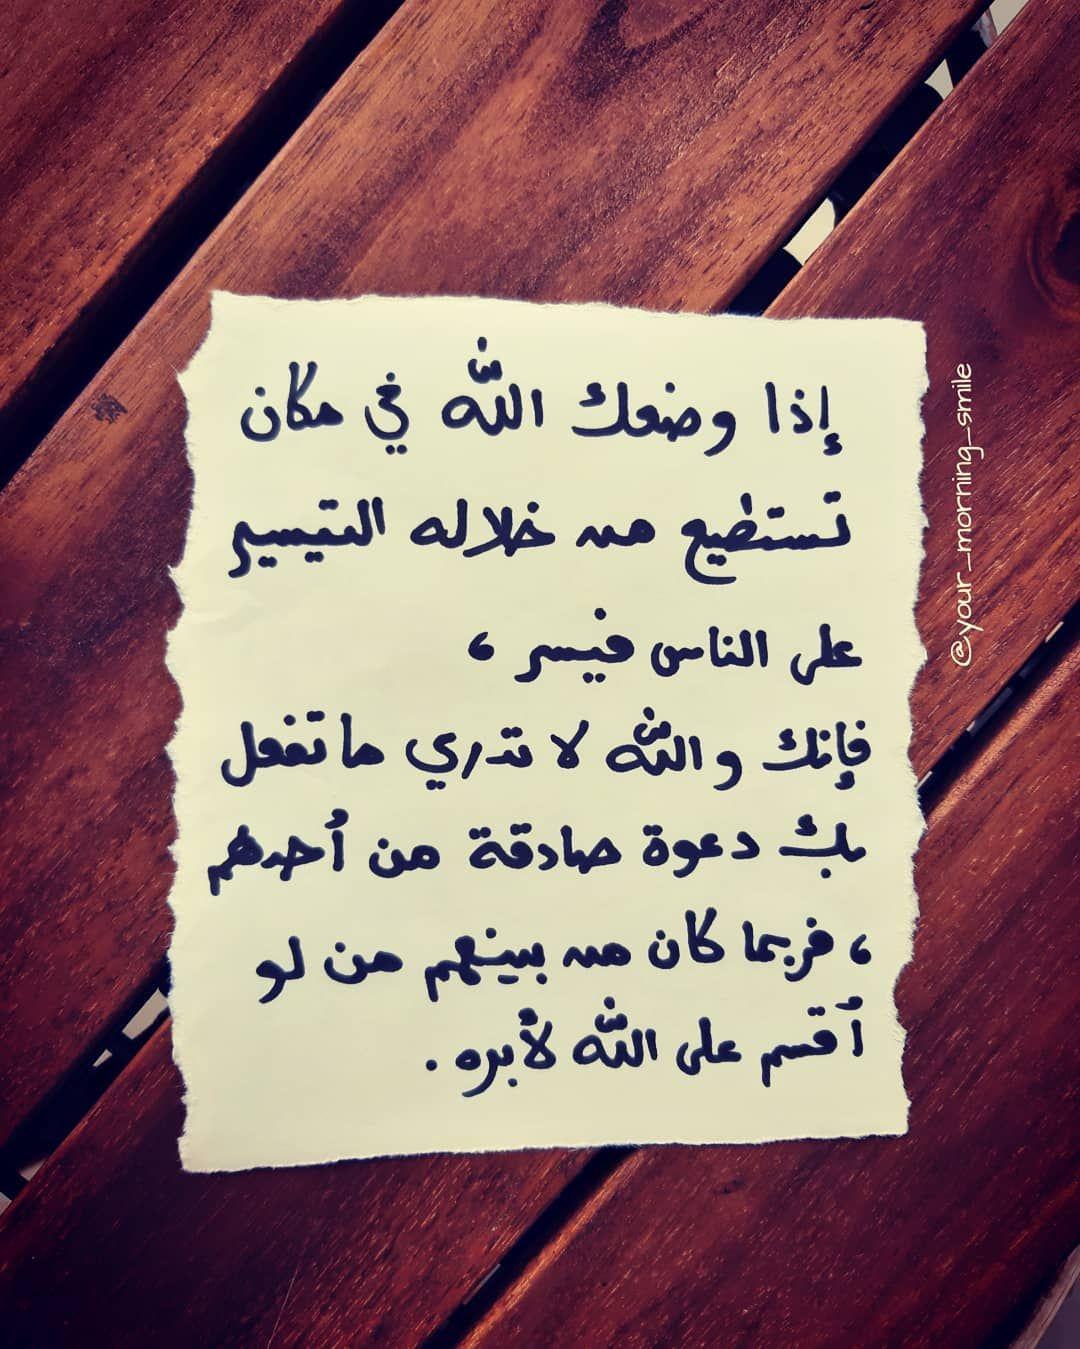 Morning Smile On Instagram إذا وضعك الله في مكان تستطيع من خلاله التيسيير على الناس فيسر فإنك والله لل تدري ما تف Arabic Quotes Arabic Calligraphy Quotes